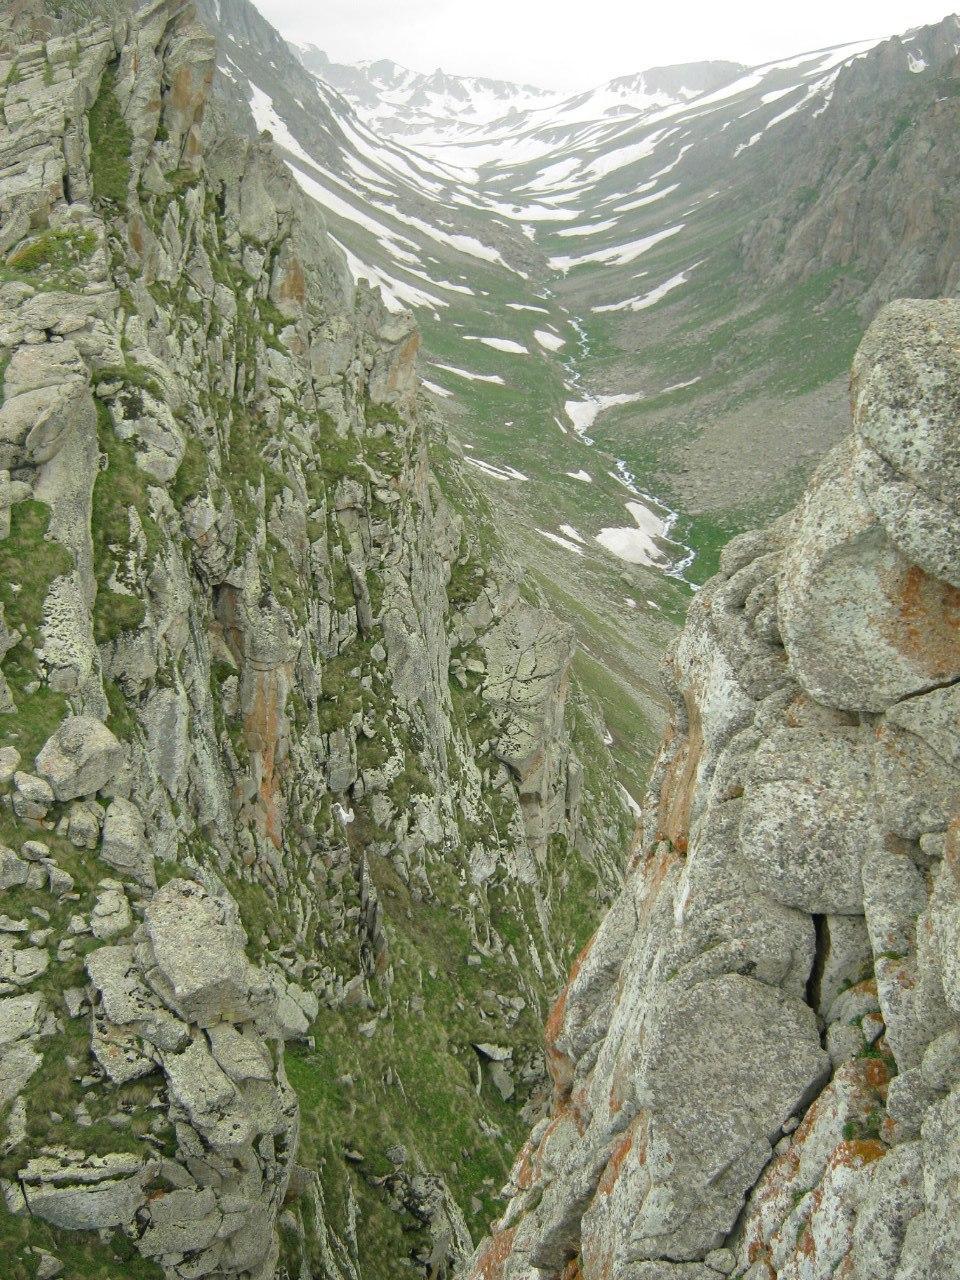 над каньоном от Каджаранского перевала